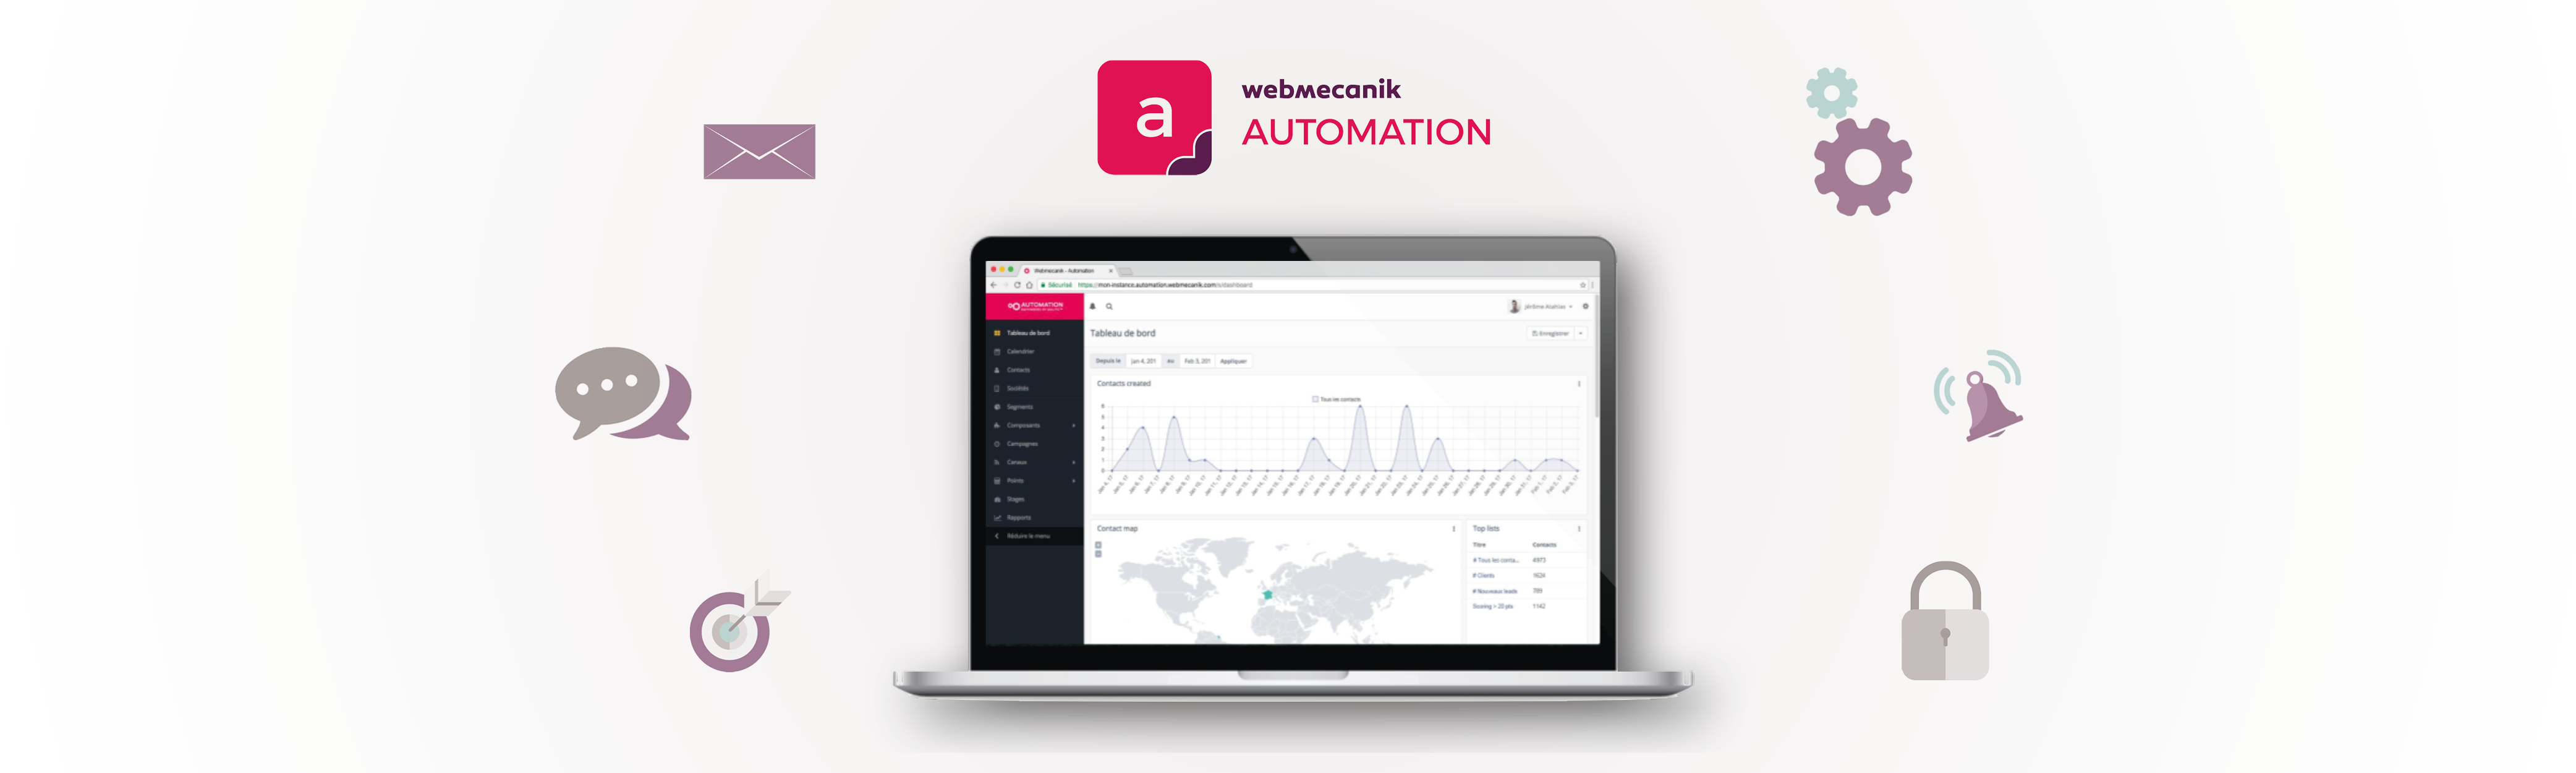 Avis Webmecanik : La solution française de Marketing Automation - Appvizer